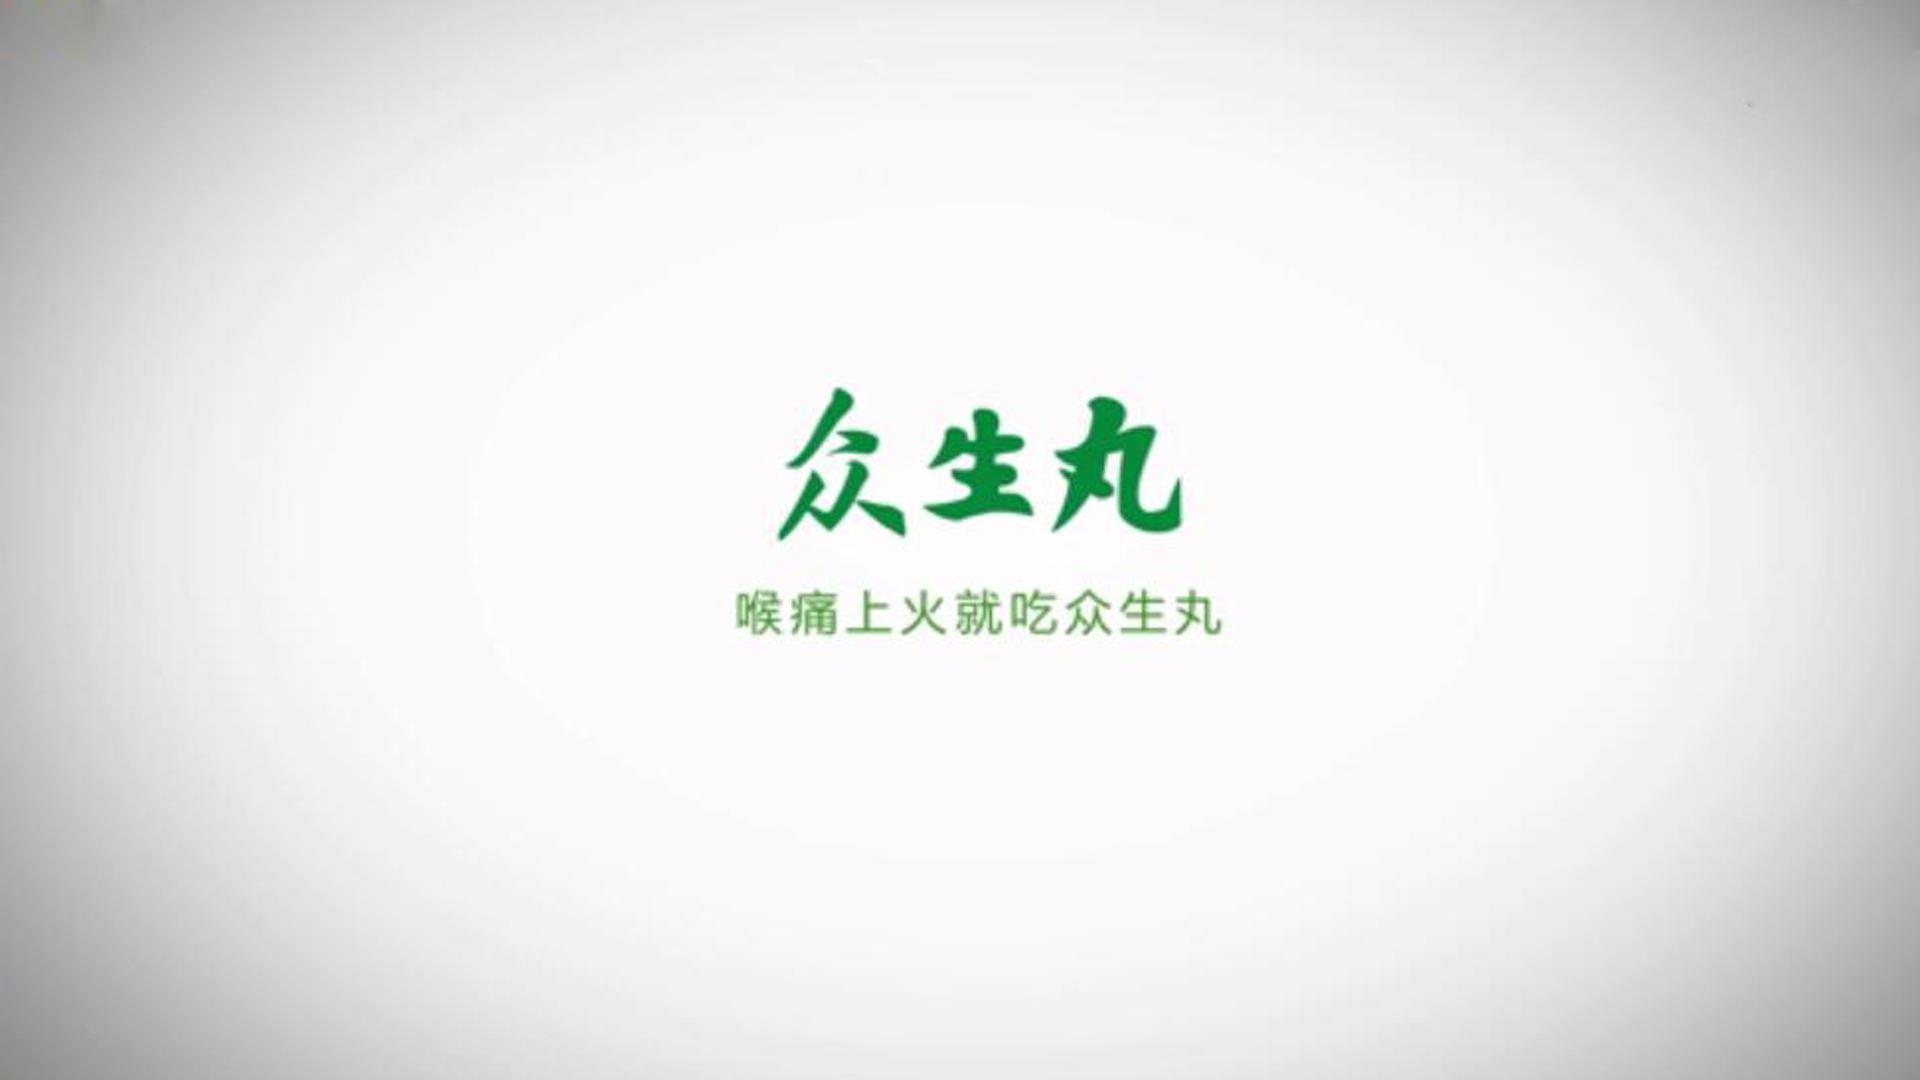 众生丸 - 品牌历史MG动画